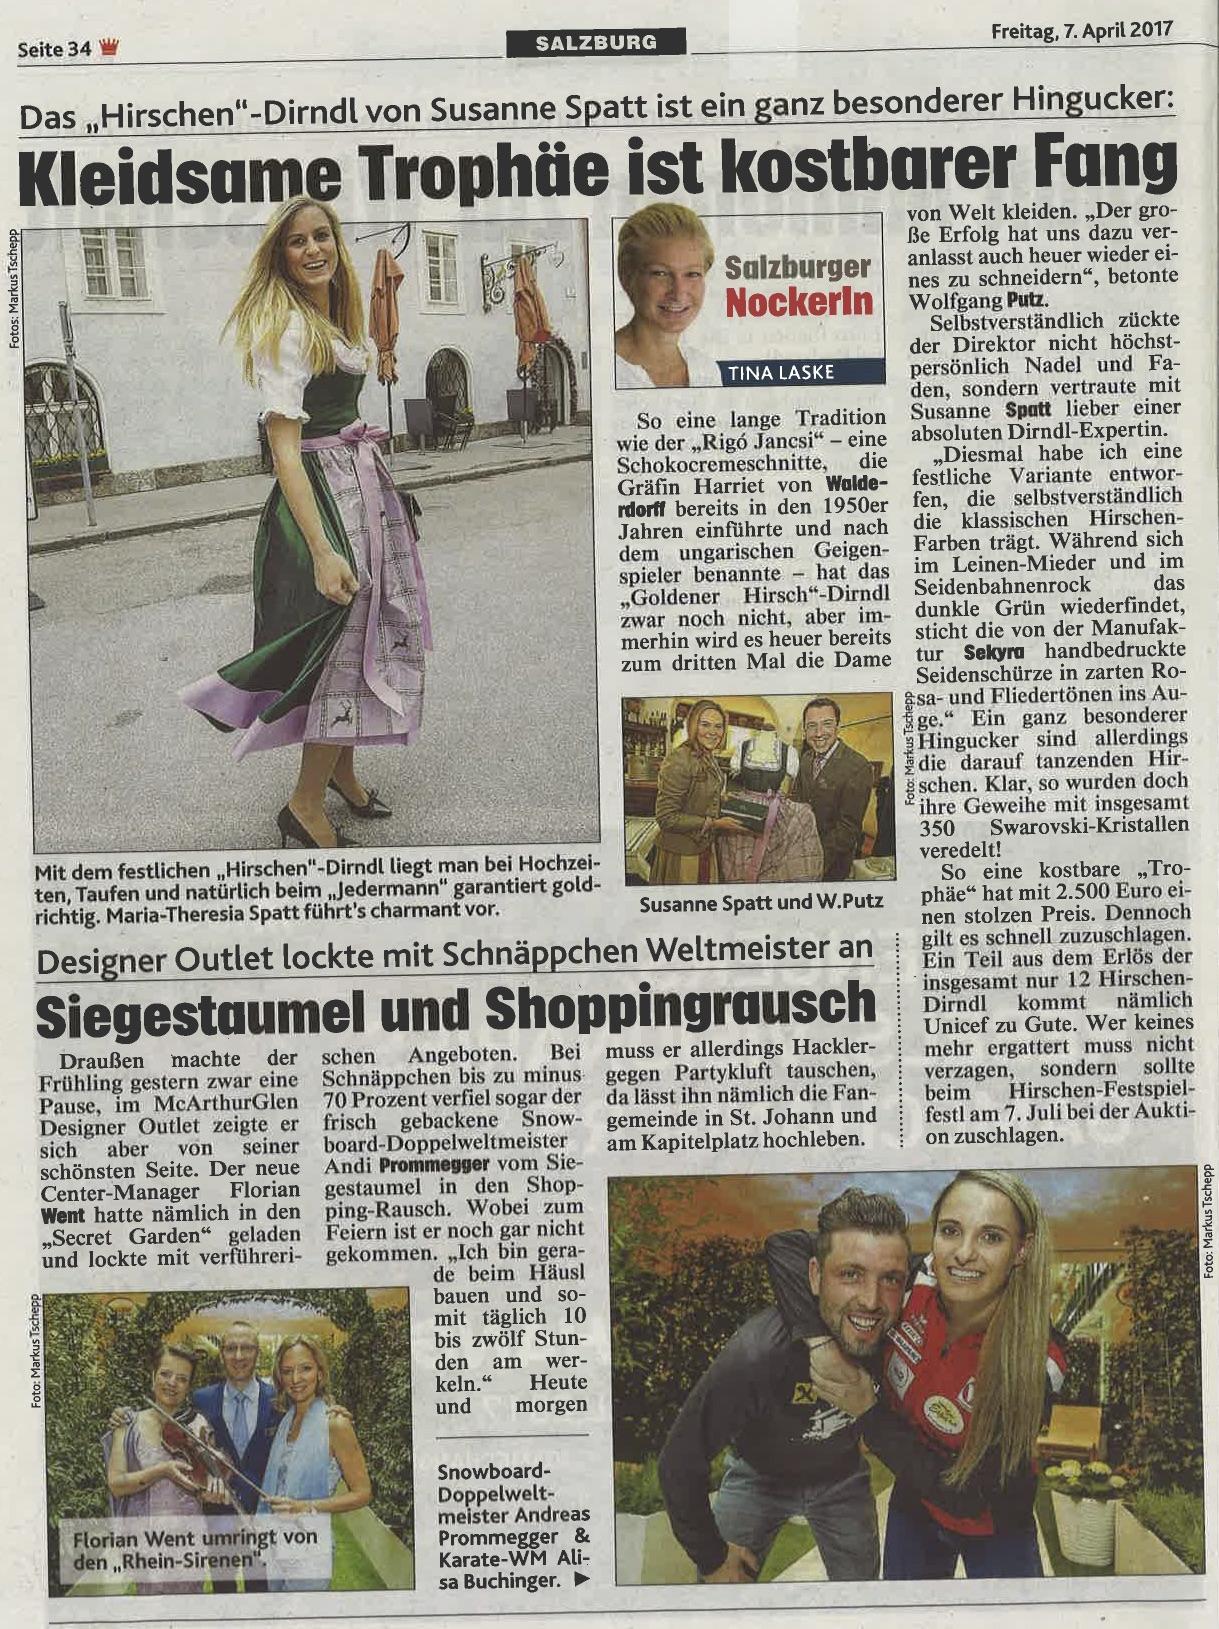 Kronen Zeitung, 7. April 2017